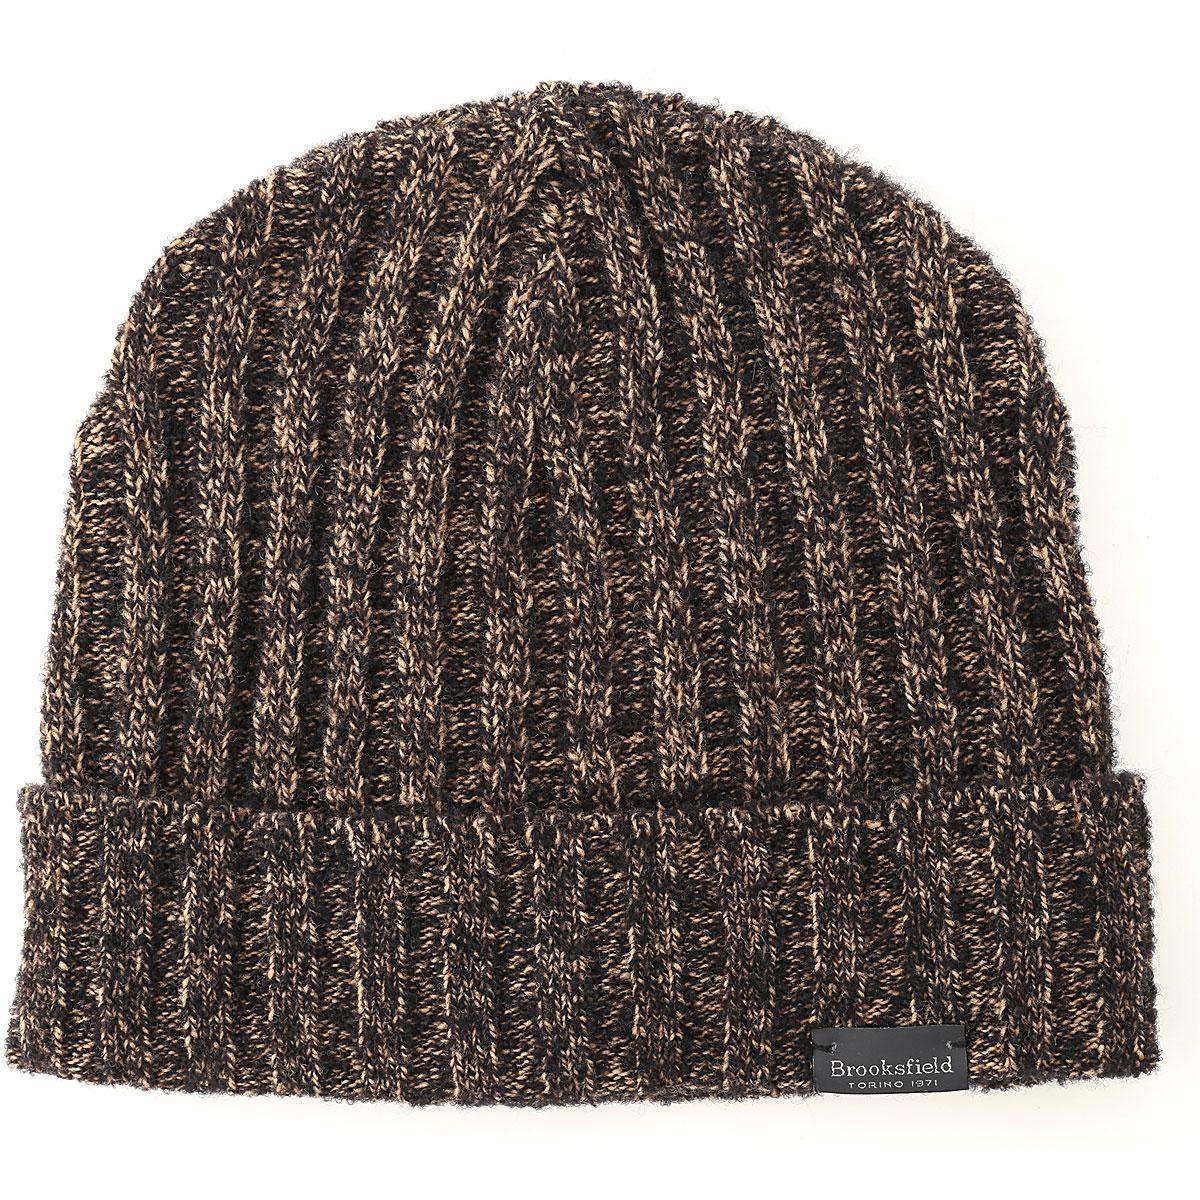 Brooksfield Hat for Women On Sale, Bark brown, Wool, 2019